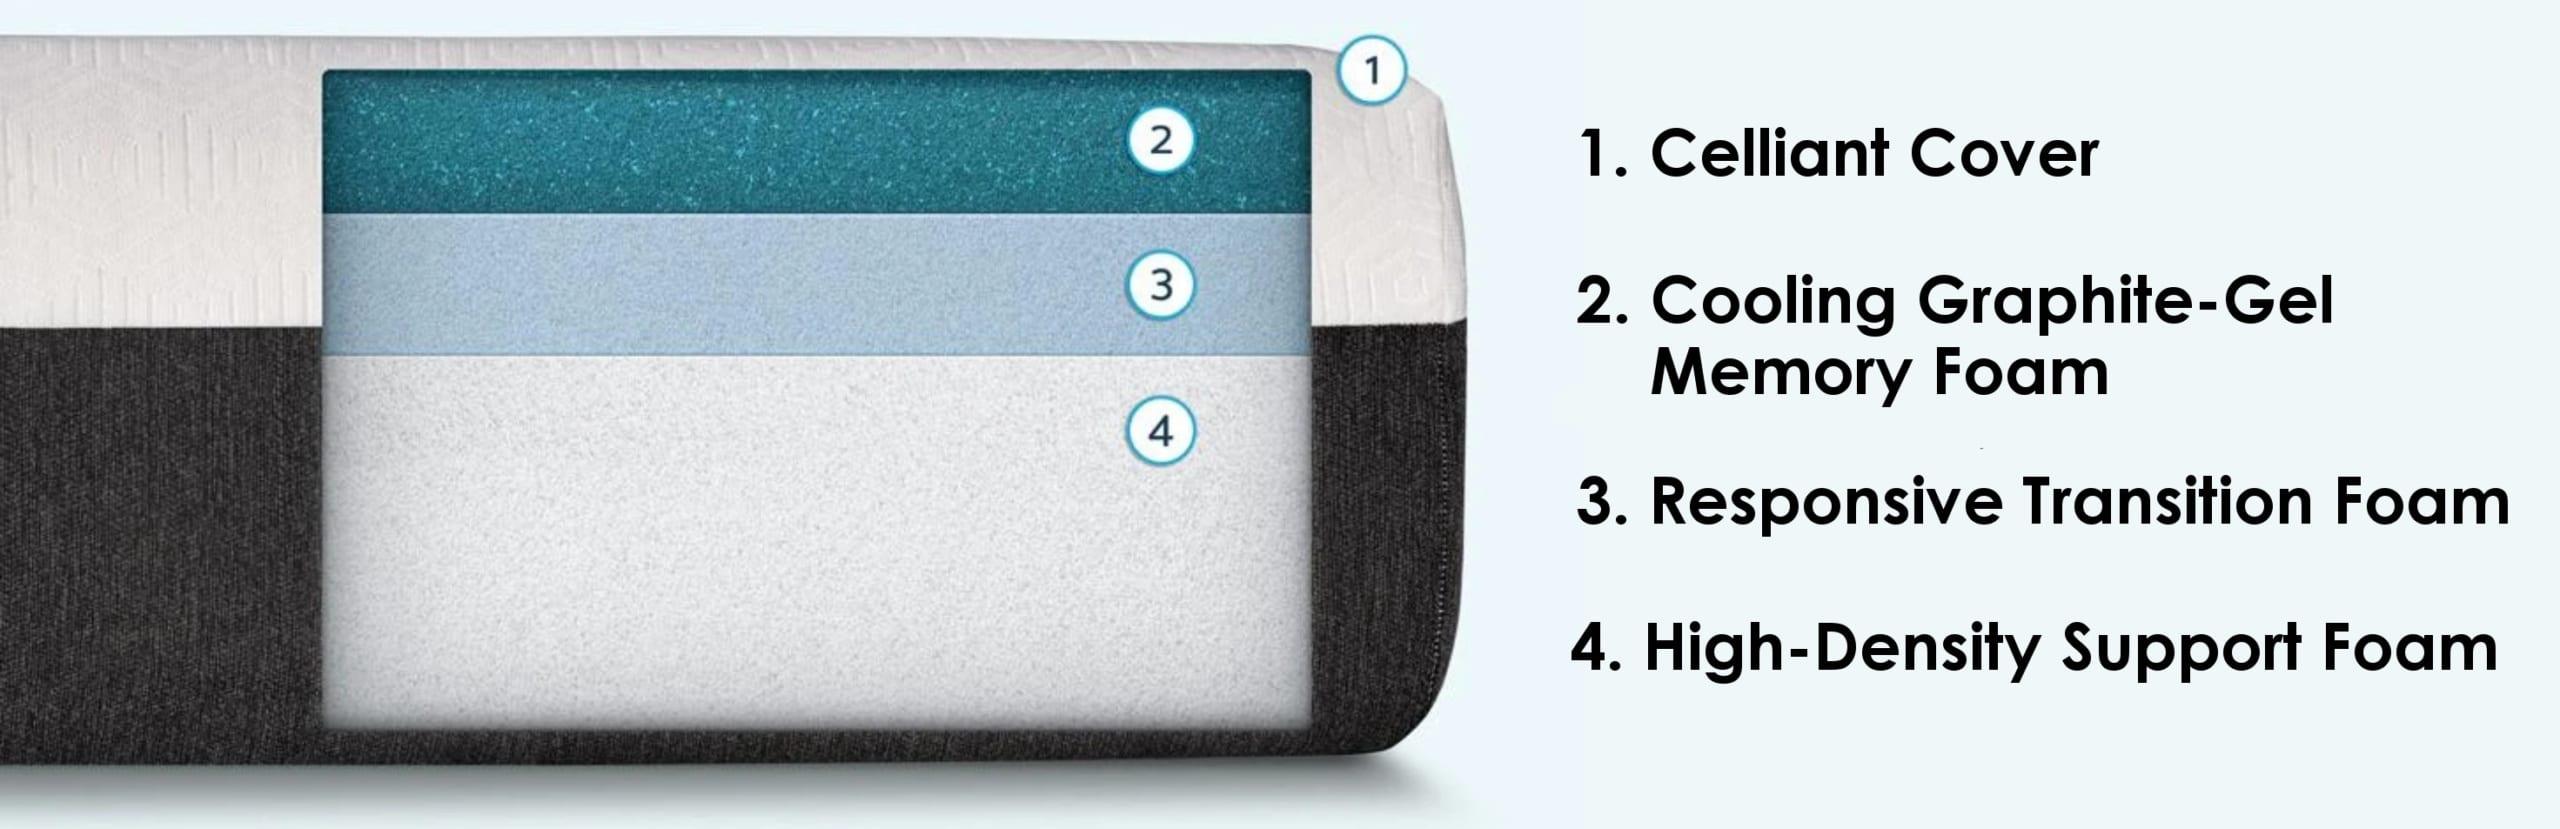 bear mattress materials